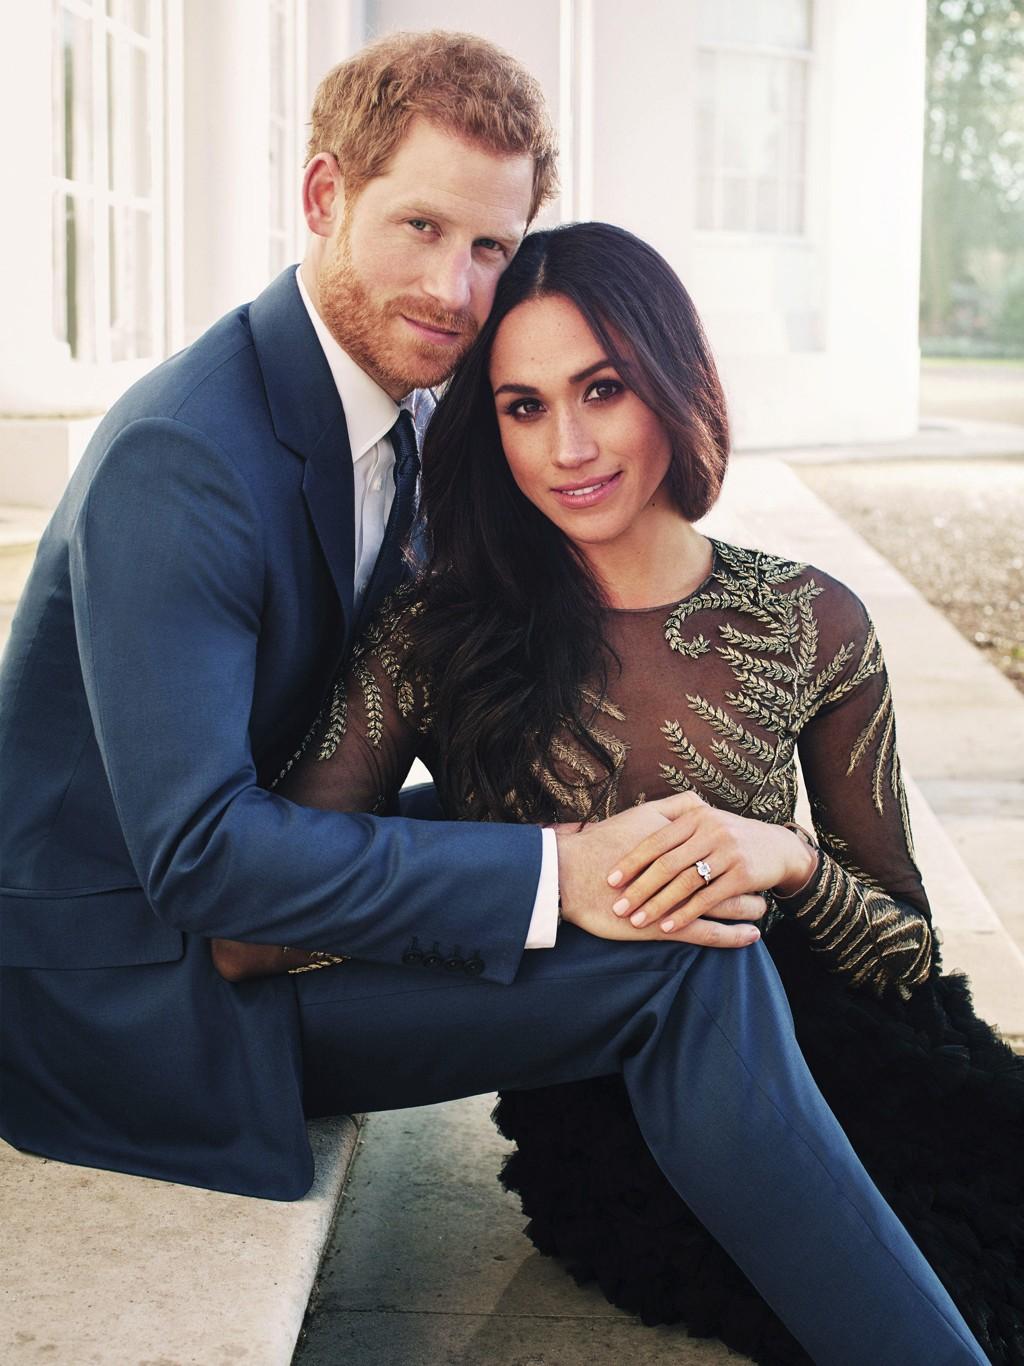 DYRT BRULLUP: Prins Harry og Meghan Markle gifter seg 19. mai i St. George's Chapel i Windsor Castle. Her er paret på et av sine offisielle forlovelsesbilder fra vinteren i år. Bryllupet deres anslås å bli et av de dyreste noensinne.